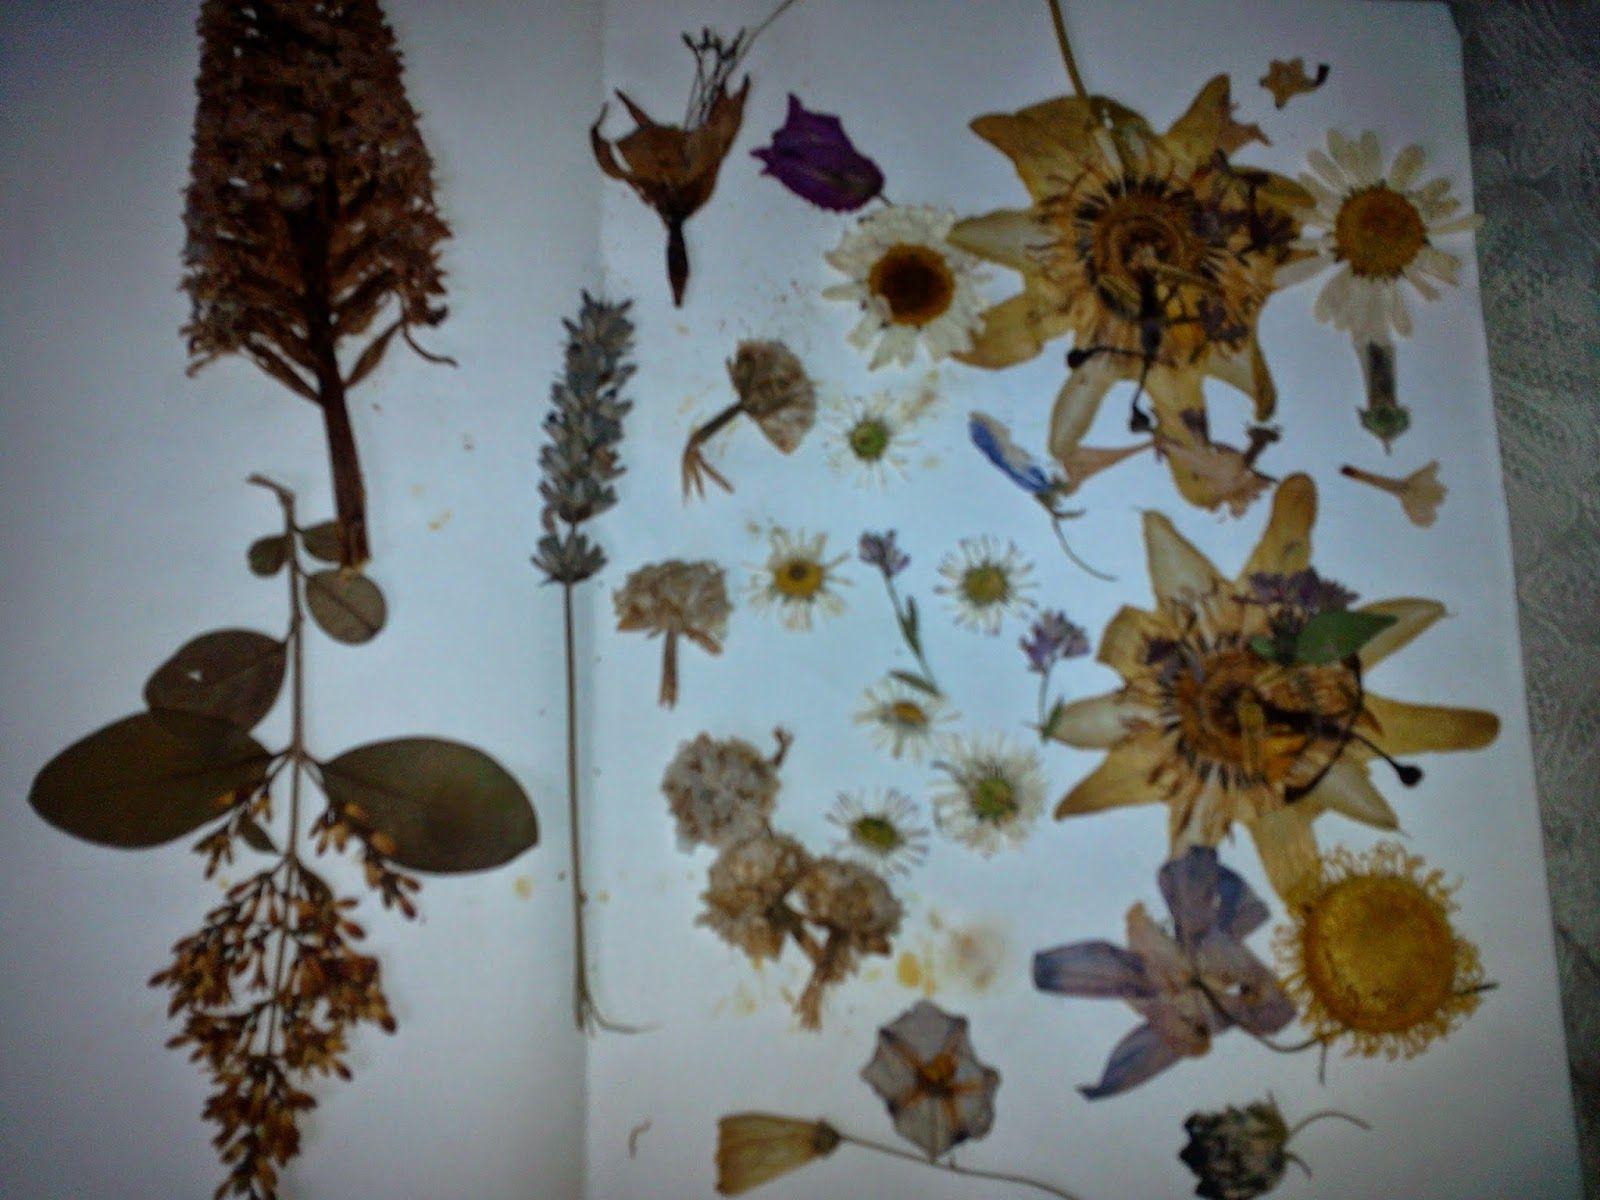 pequeños trucos para sobrevivir a la crisis: Mis manualidades con flores prensadas.